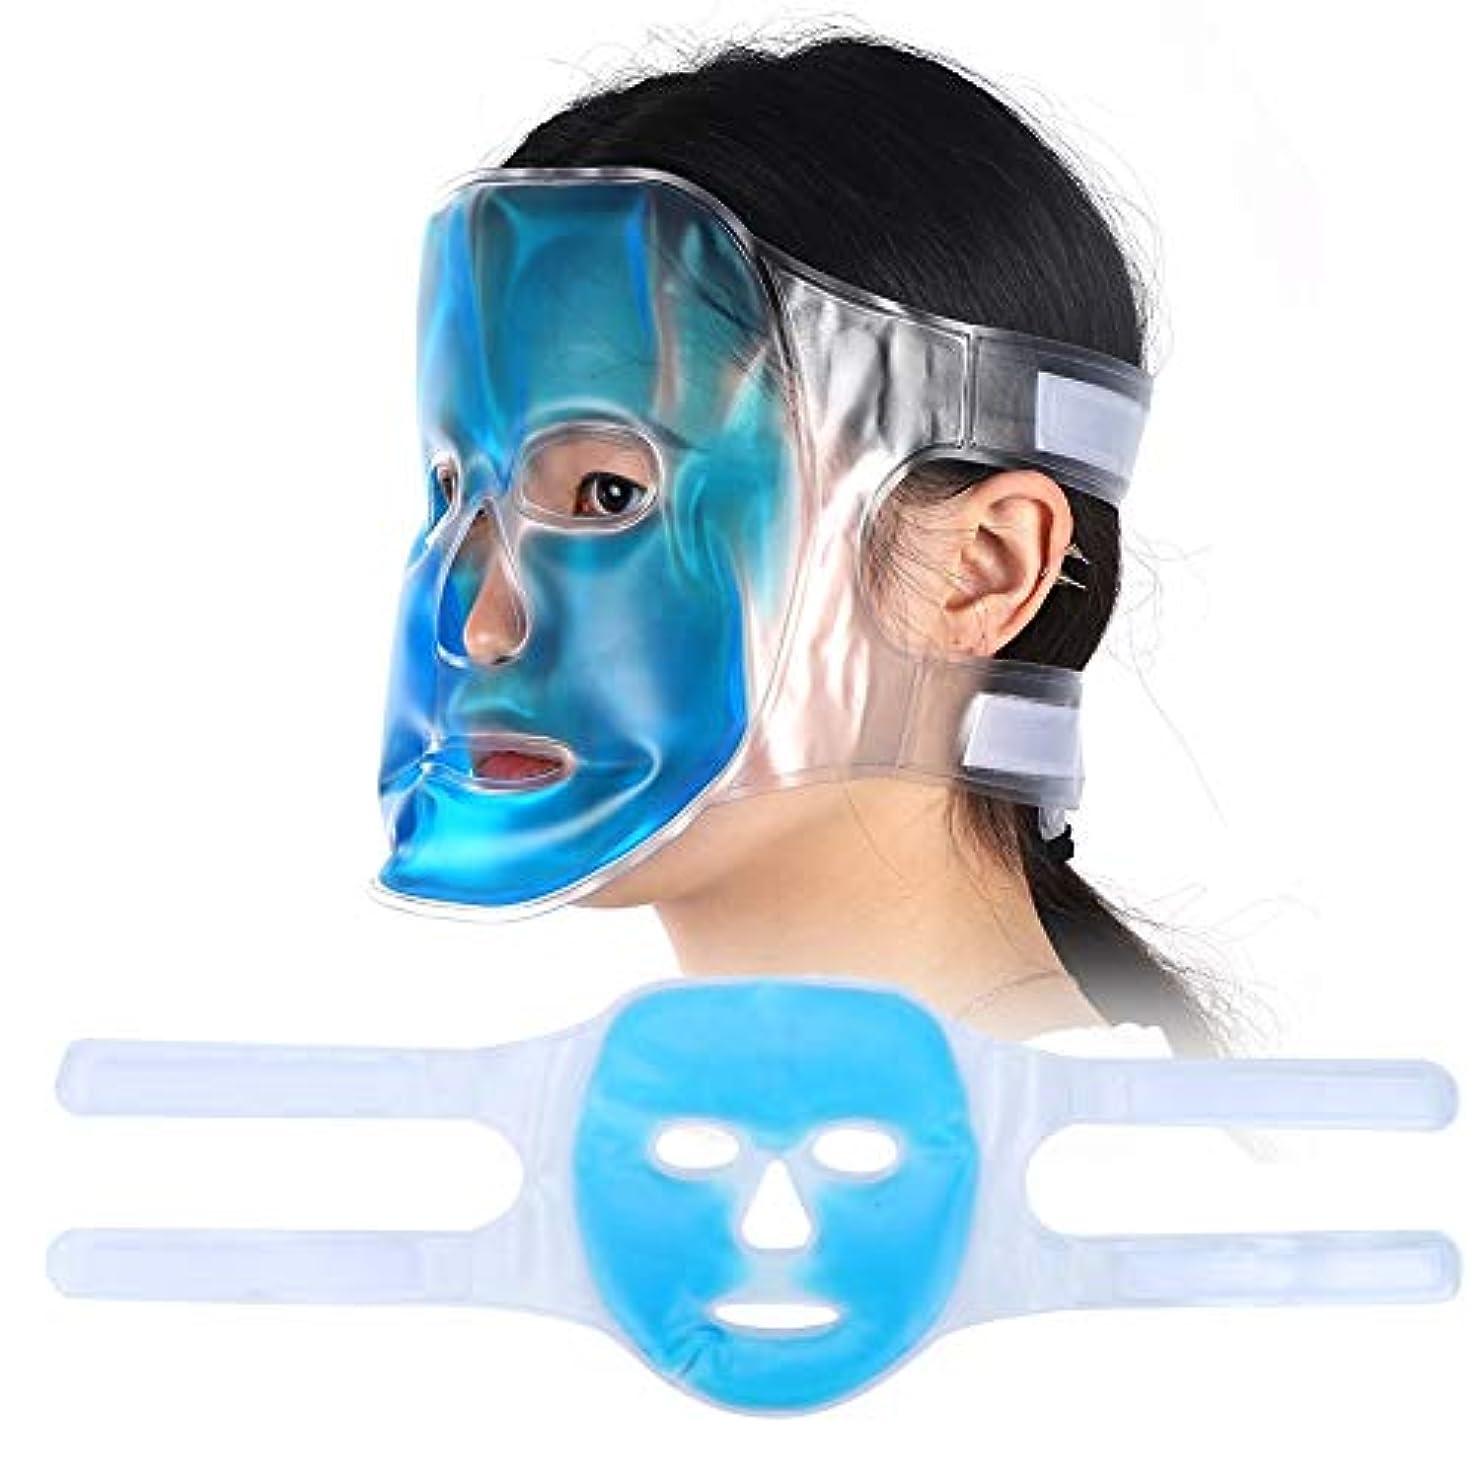 コンプライアンスしゃがむ脅威保湿 ジェルブルーフェイスマスク 疲労緩和 リラクゼーションフル フェイスクーリングマスク